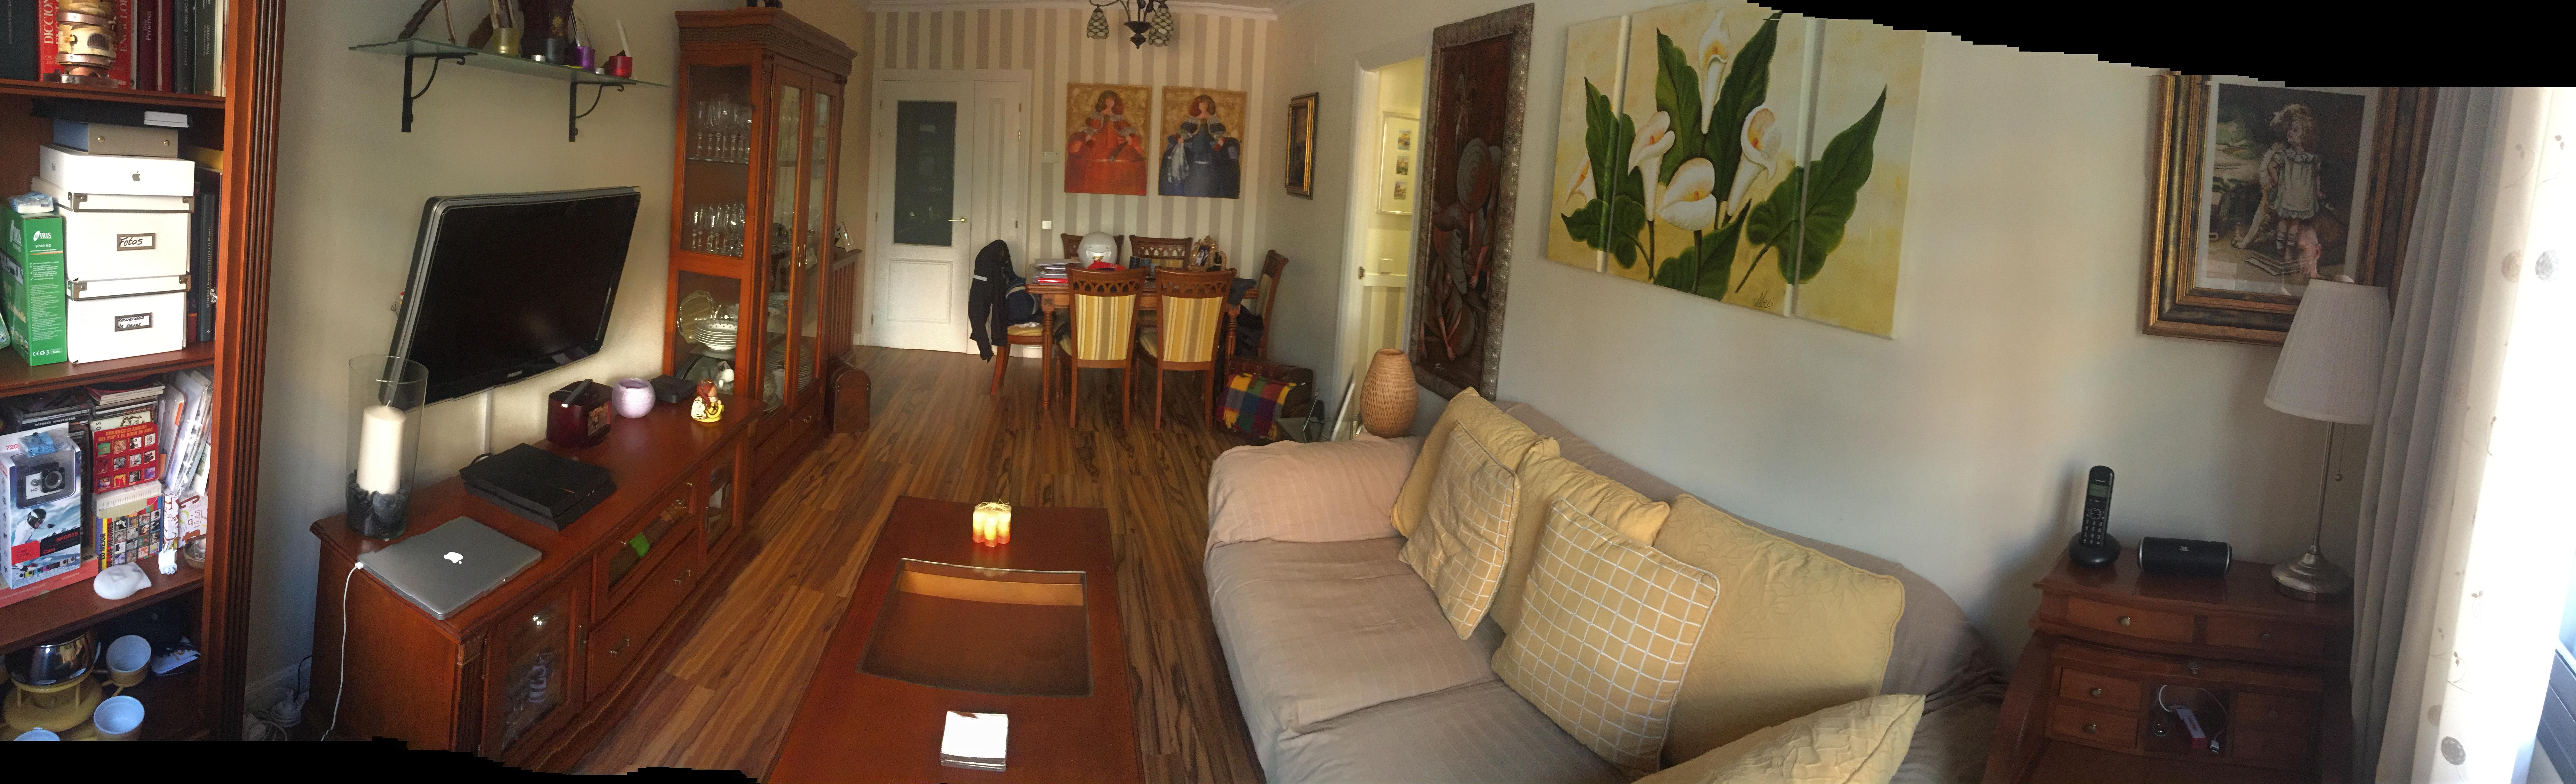 销售位于Madrid (马德里省)市外的公寓